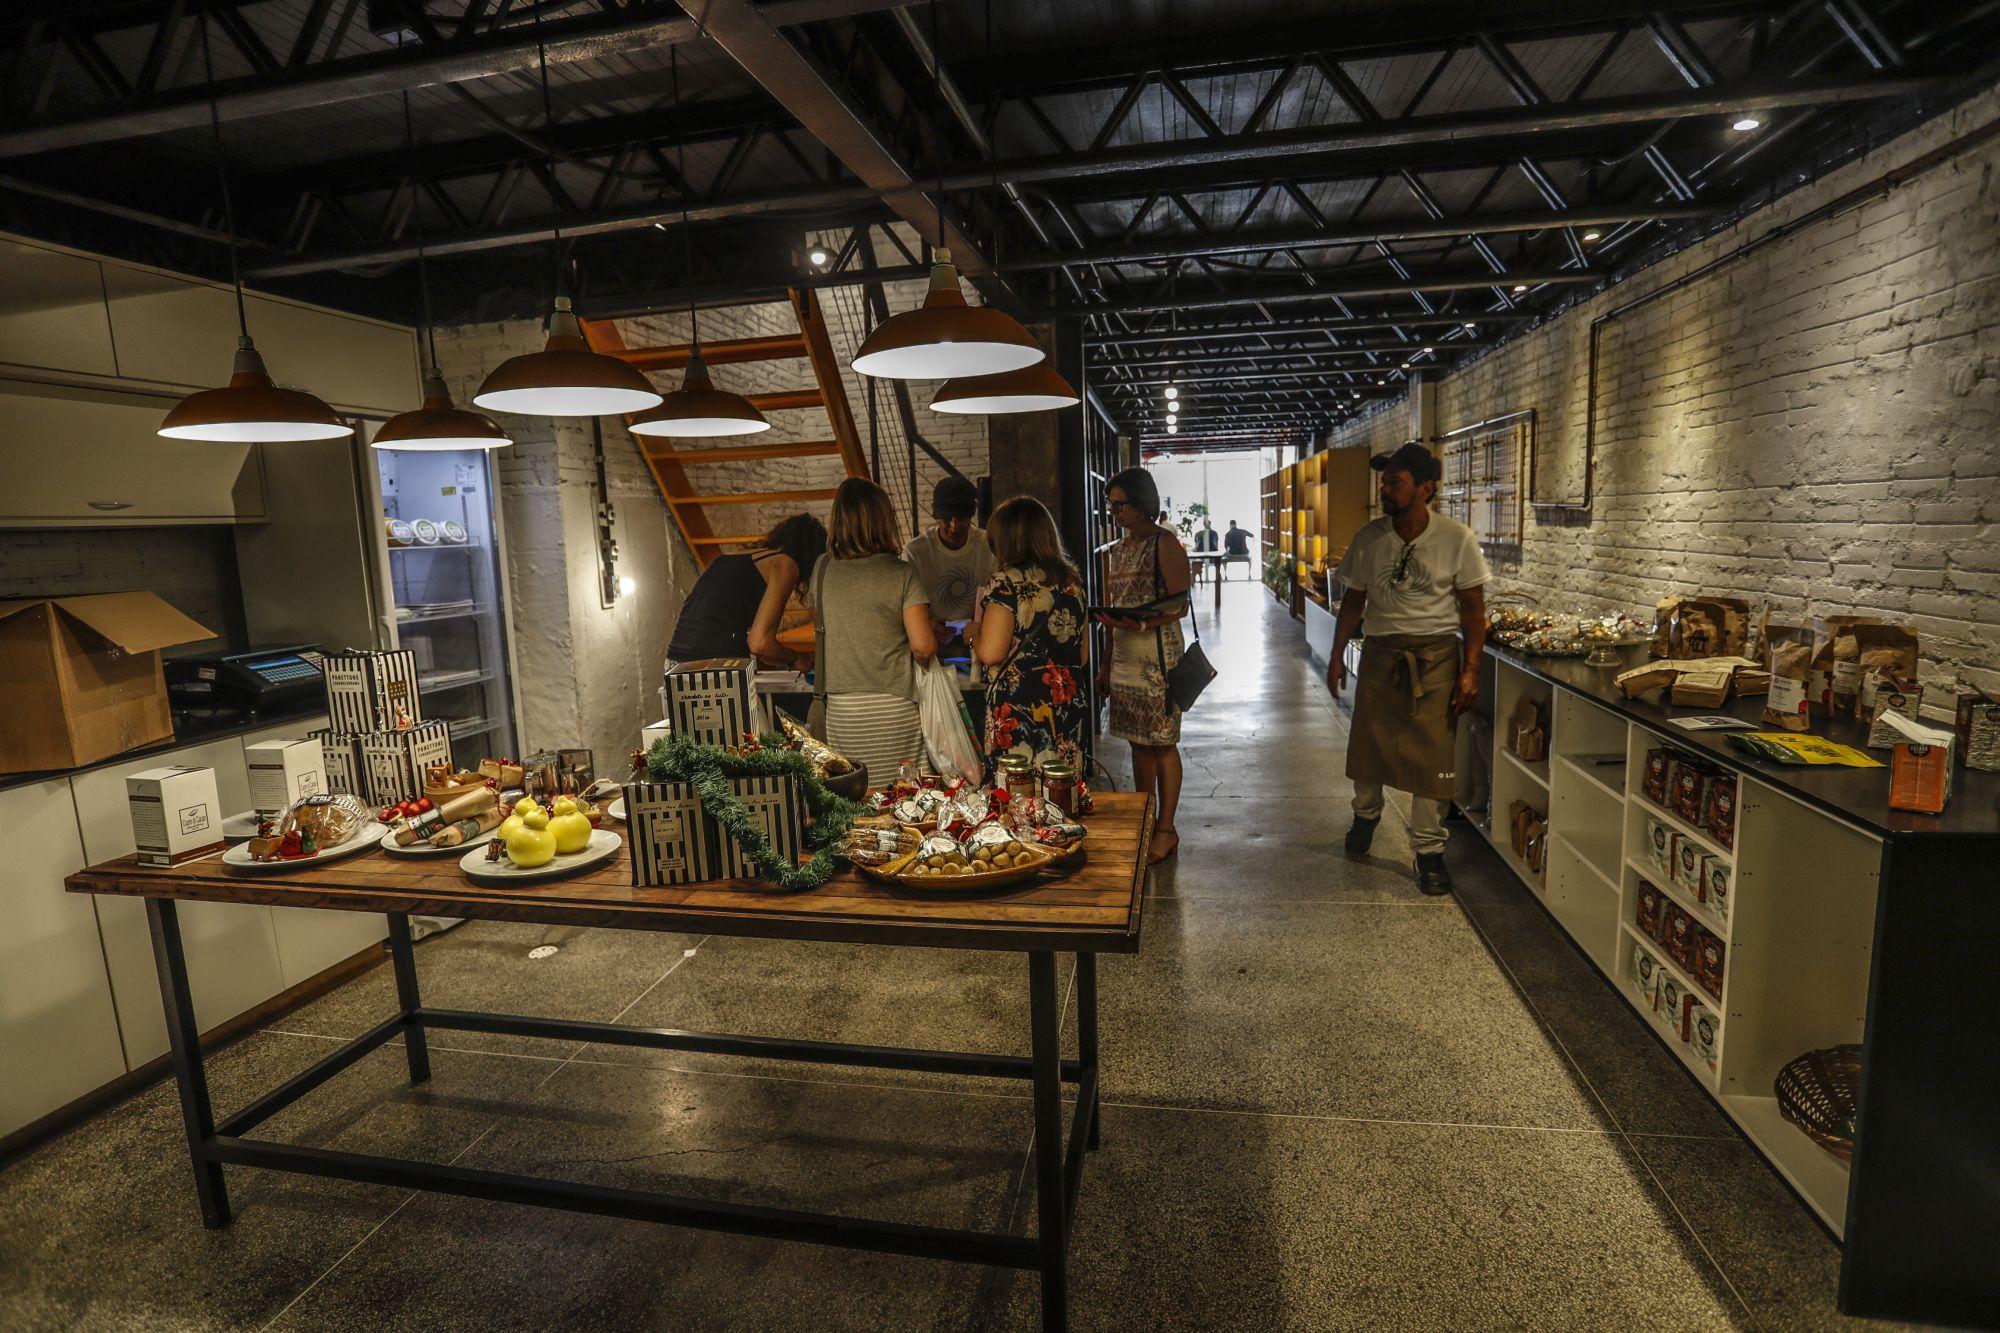 A delicatessen tem produtos feitos pela cozinha d'O Locavorista, como catchup da casa, e também produtos alimentícios do Paraná. Foto: Jonathan Campos/Gazeta do Povo